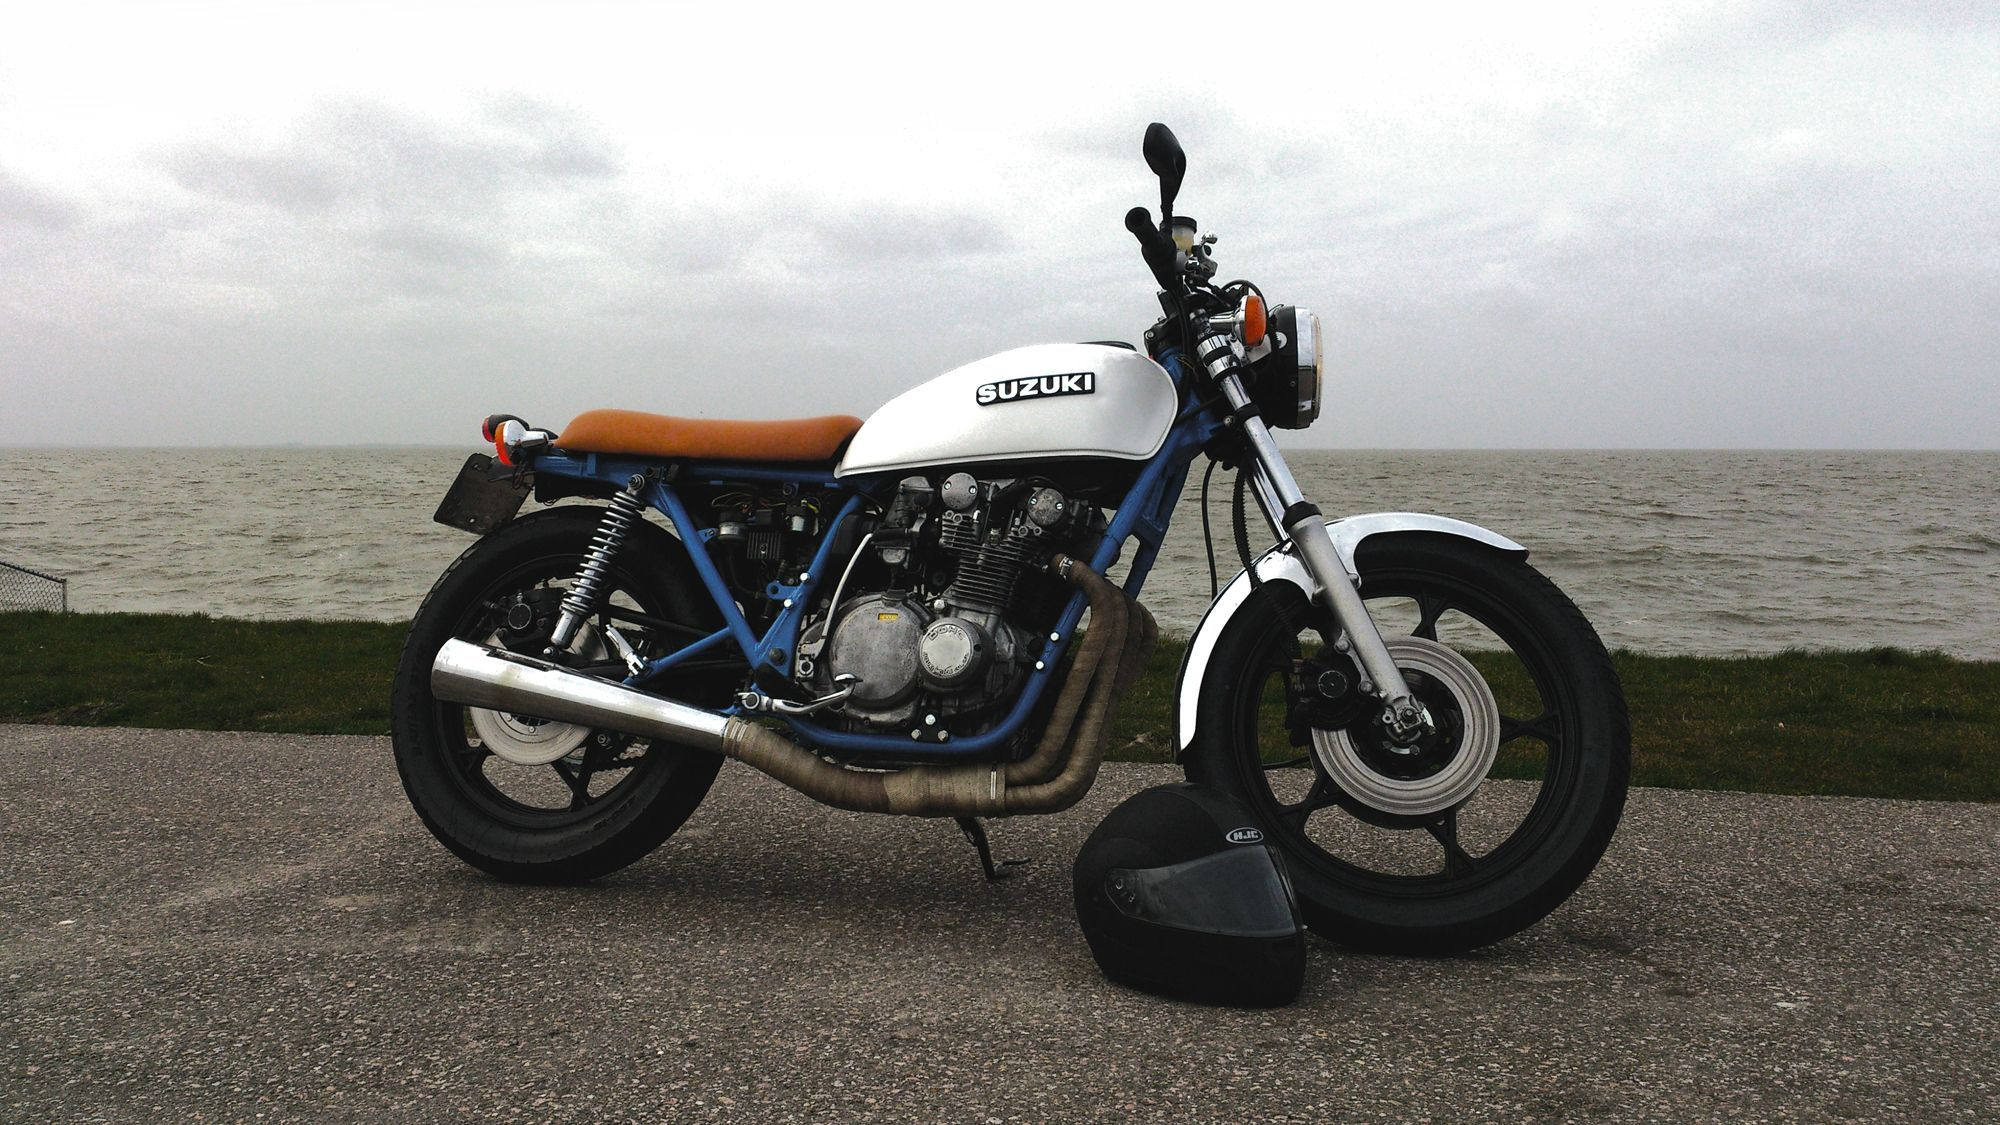 1978 Suzuki Gs550 Street Tracker Cafe Racer Suzuki Cafe Racer Bike [ 1125 x 2000 Pixel ]